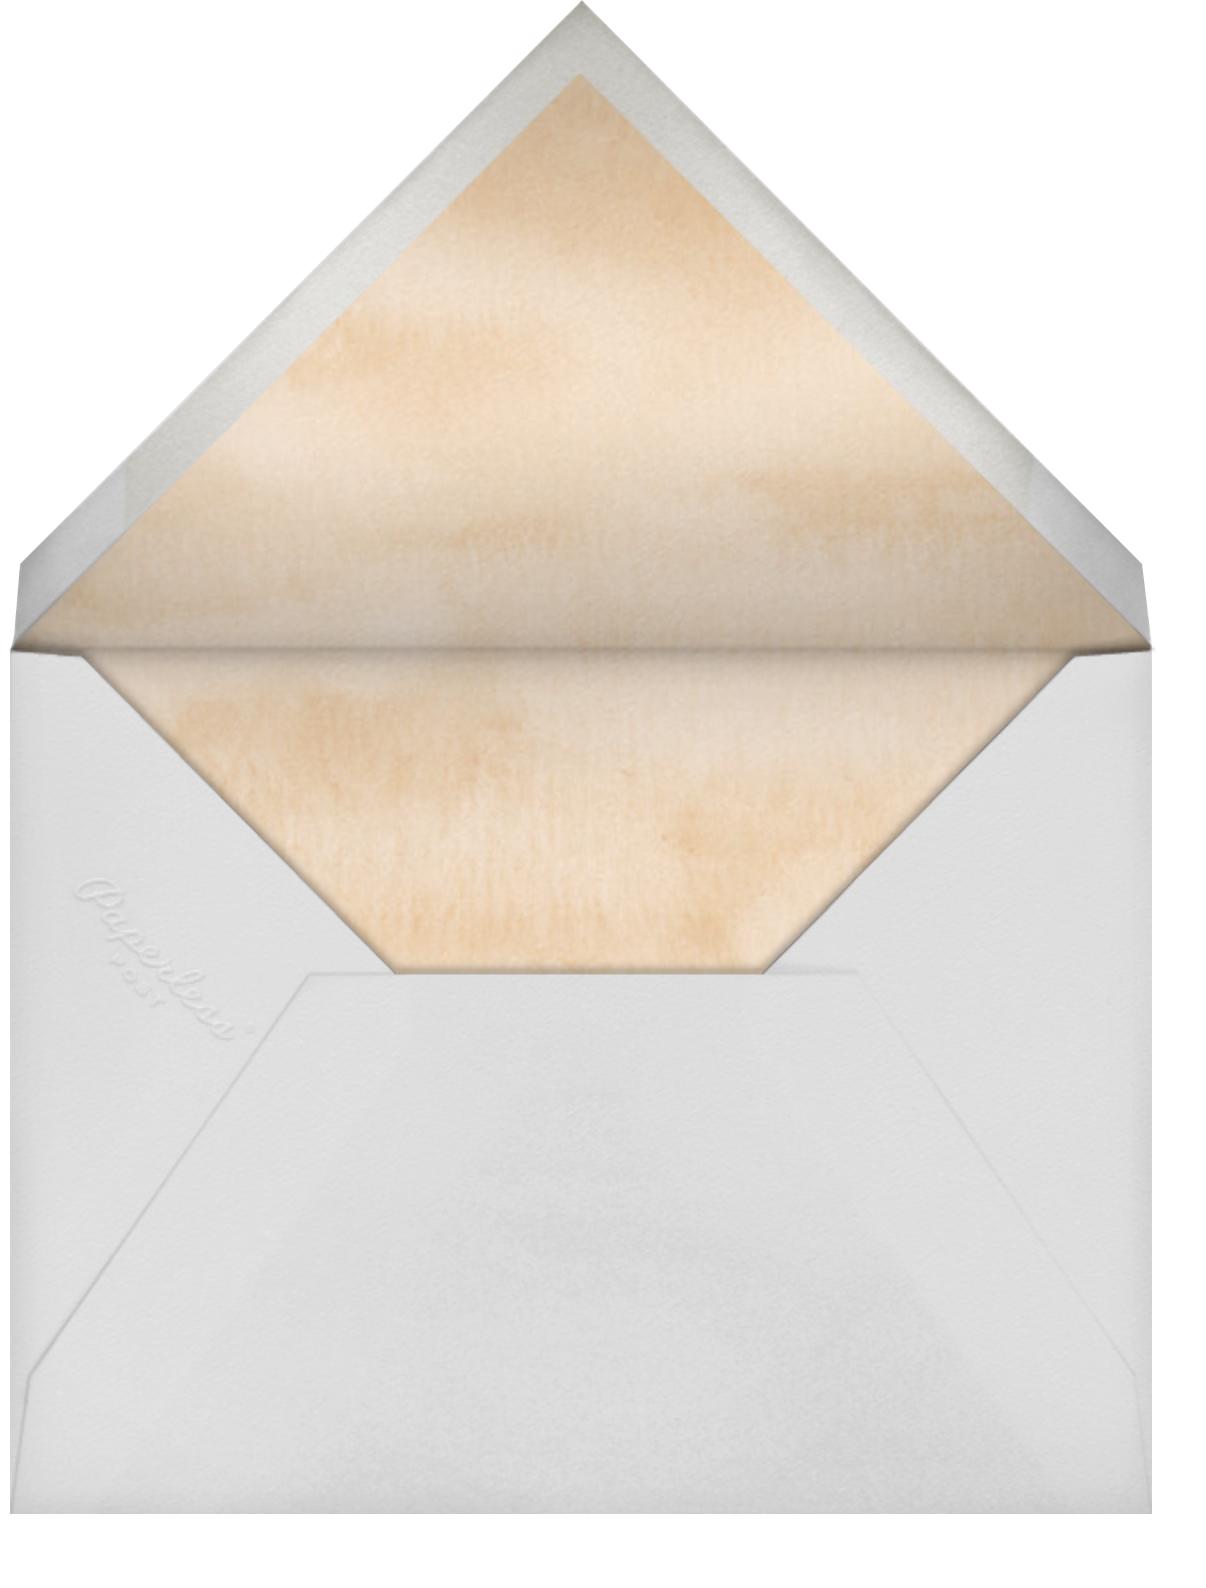 Verdure (Invitation) - Paperless Post - All - envelope back